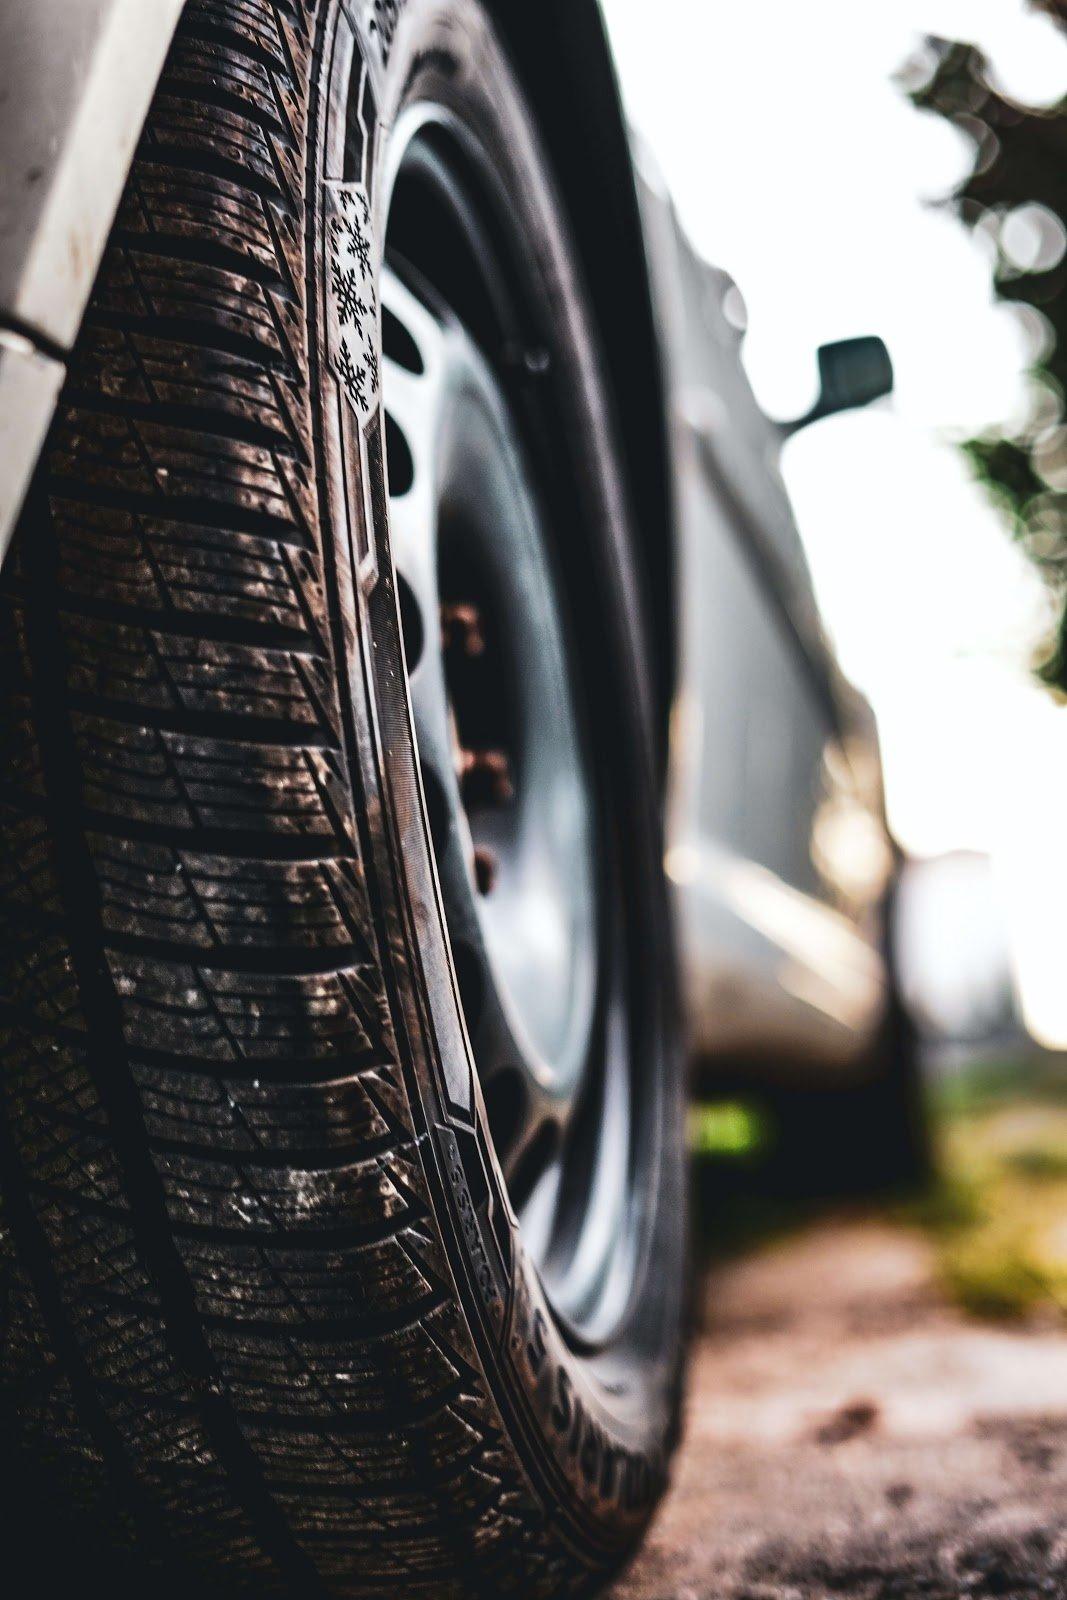 Tire on car